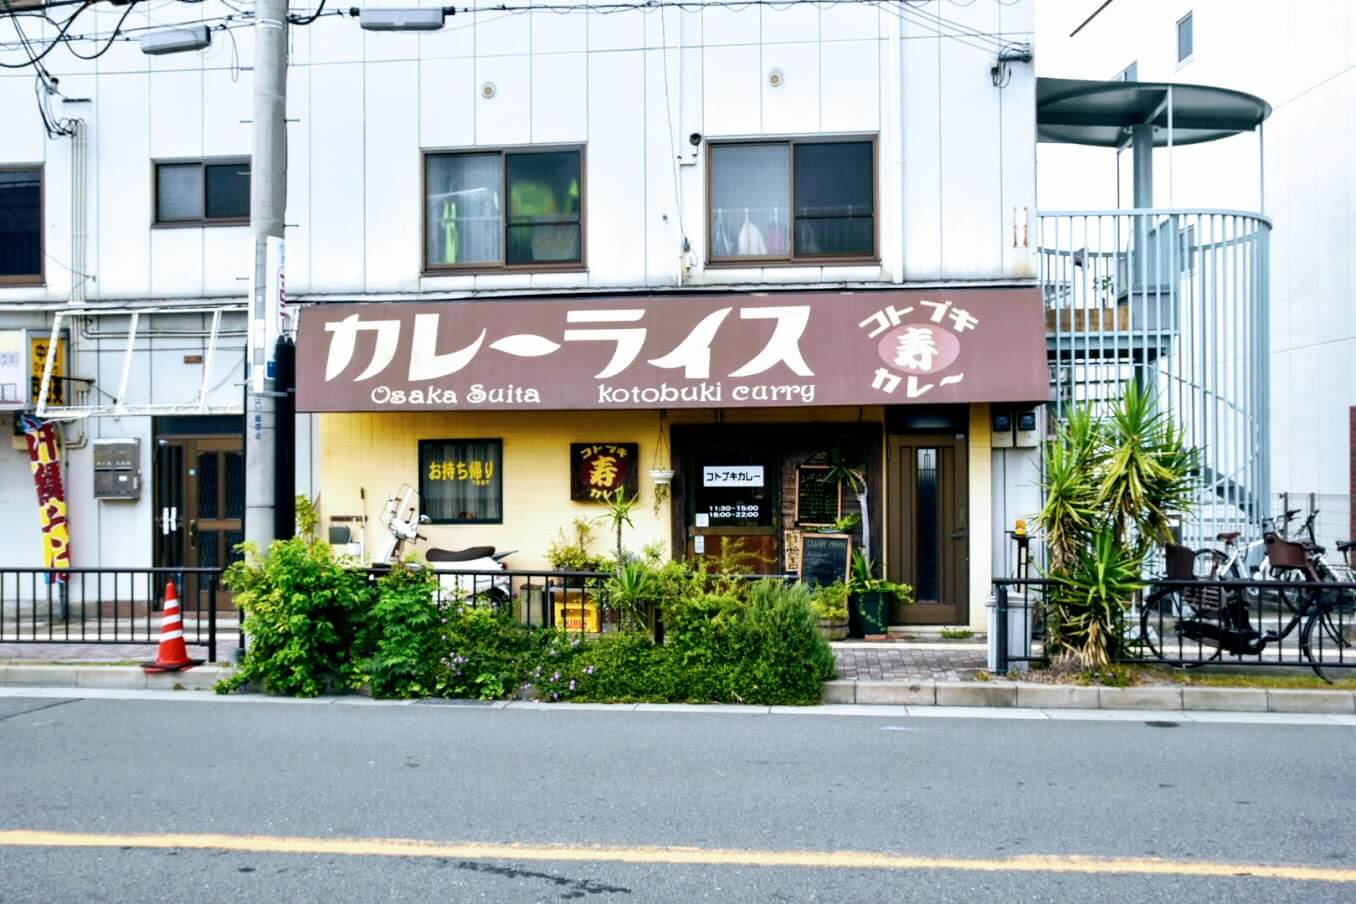 コトブキカレーは吹田の寿町にあるカレーライス屋さん